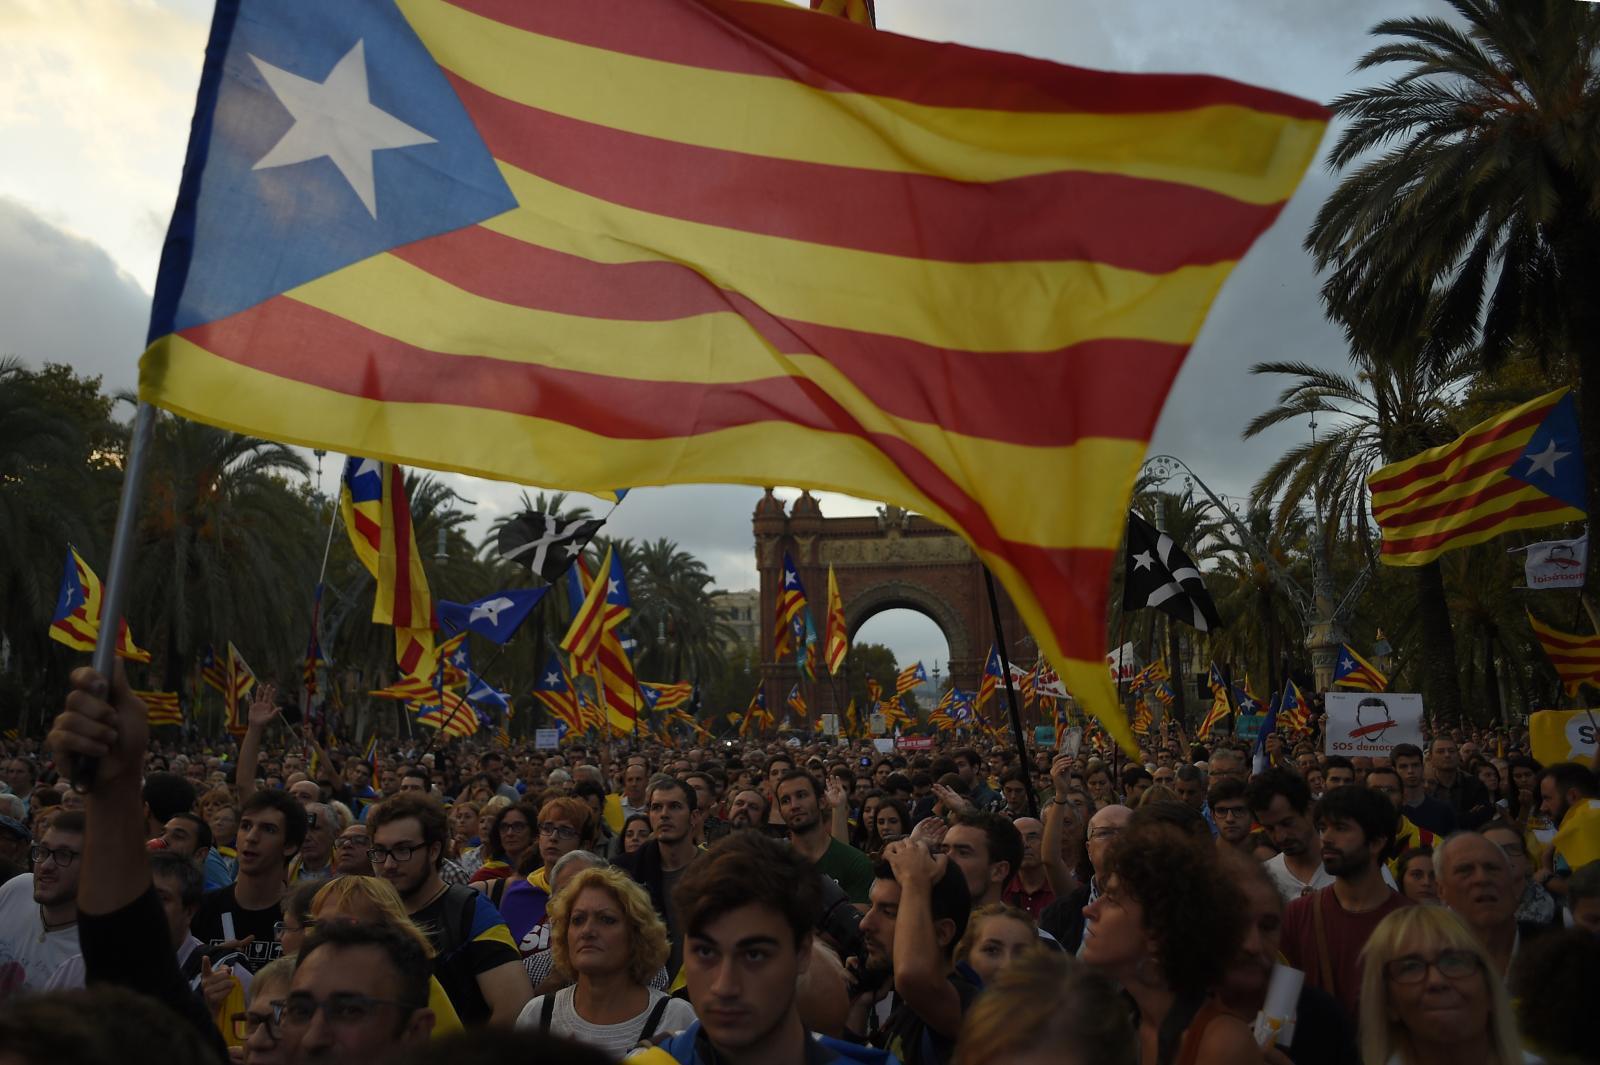 วุฒิสภาสเปนลงมติสัปดาห์นี้ยึดอำนาจกาตาลุญญา